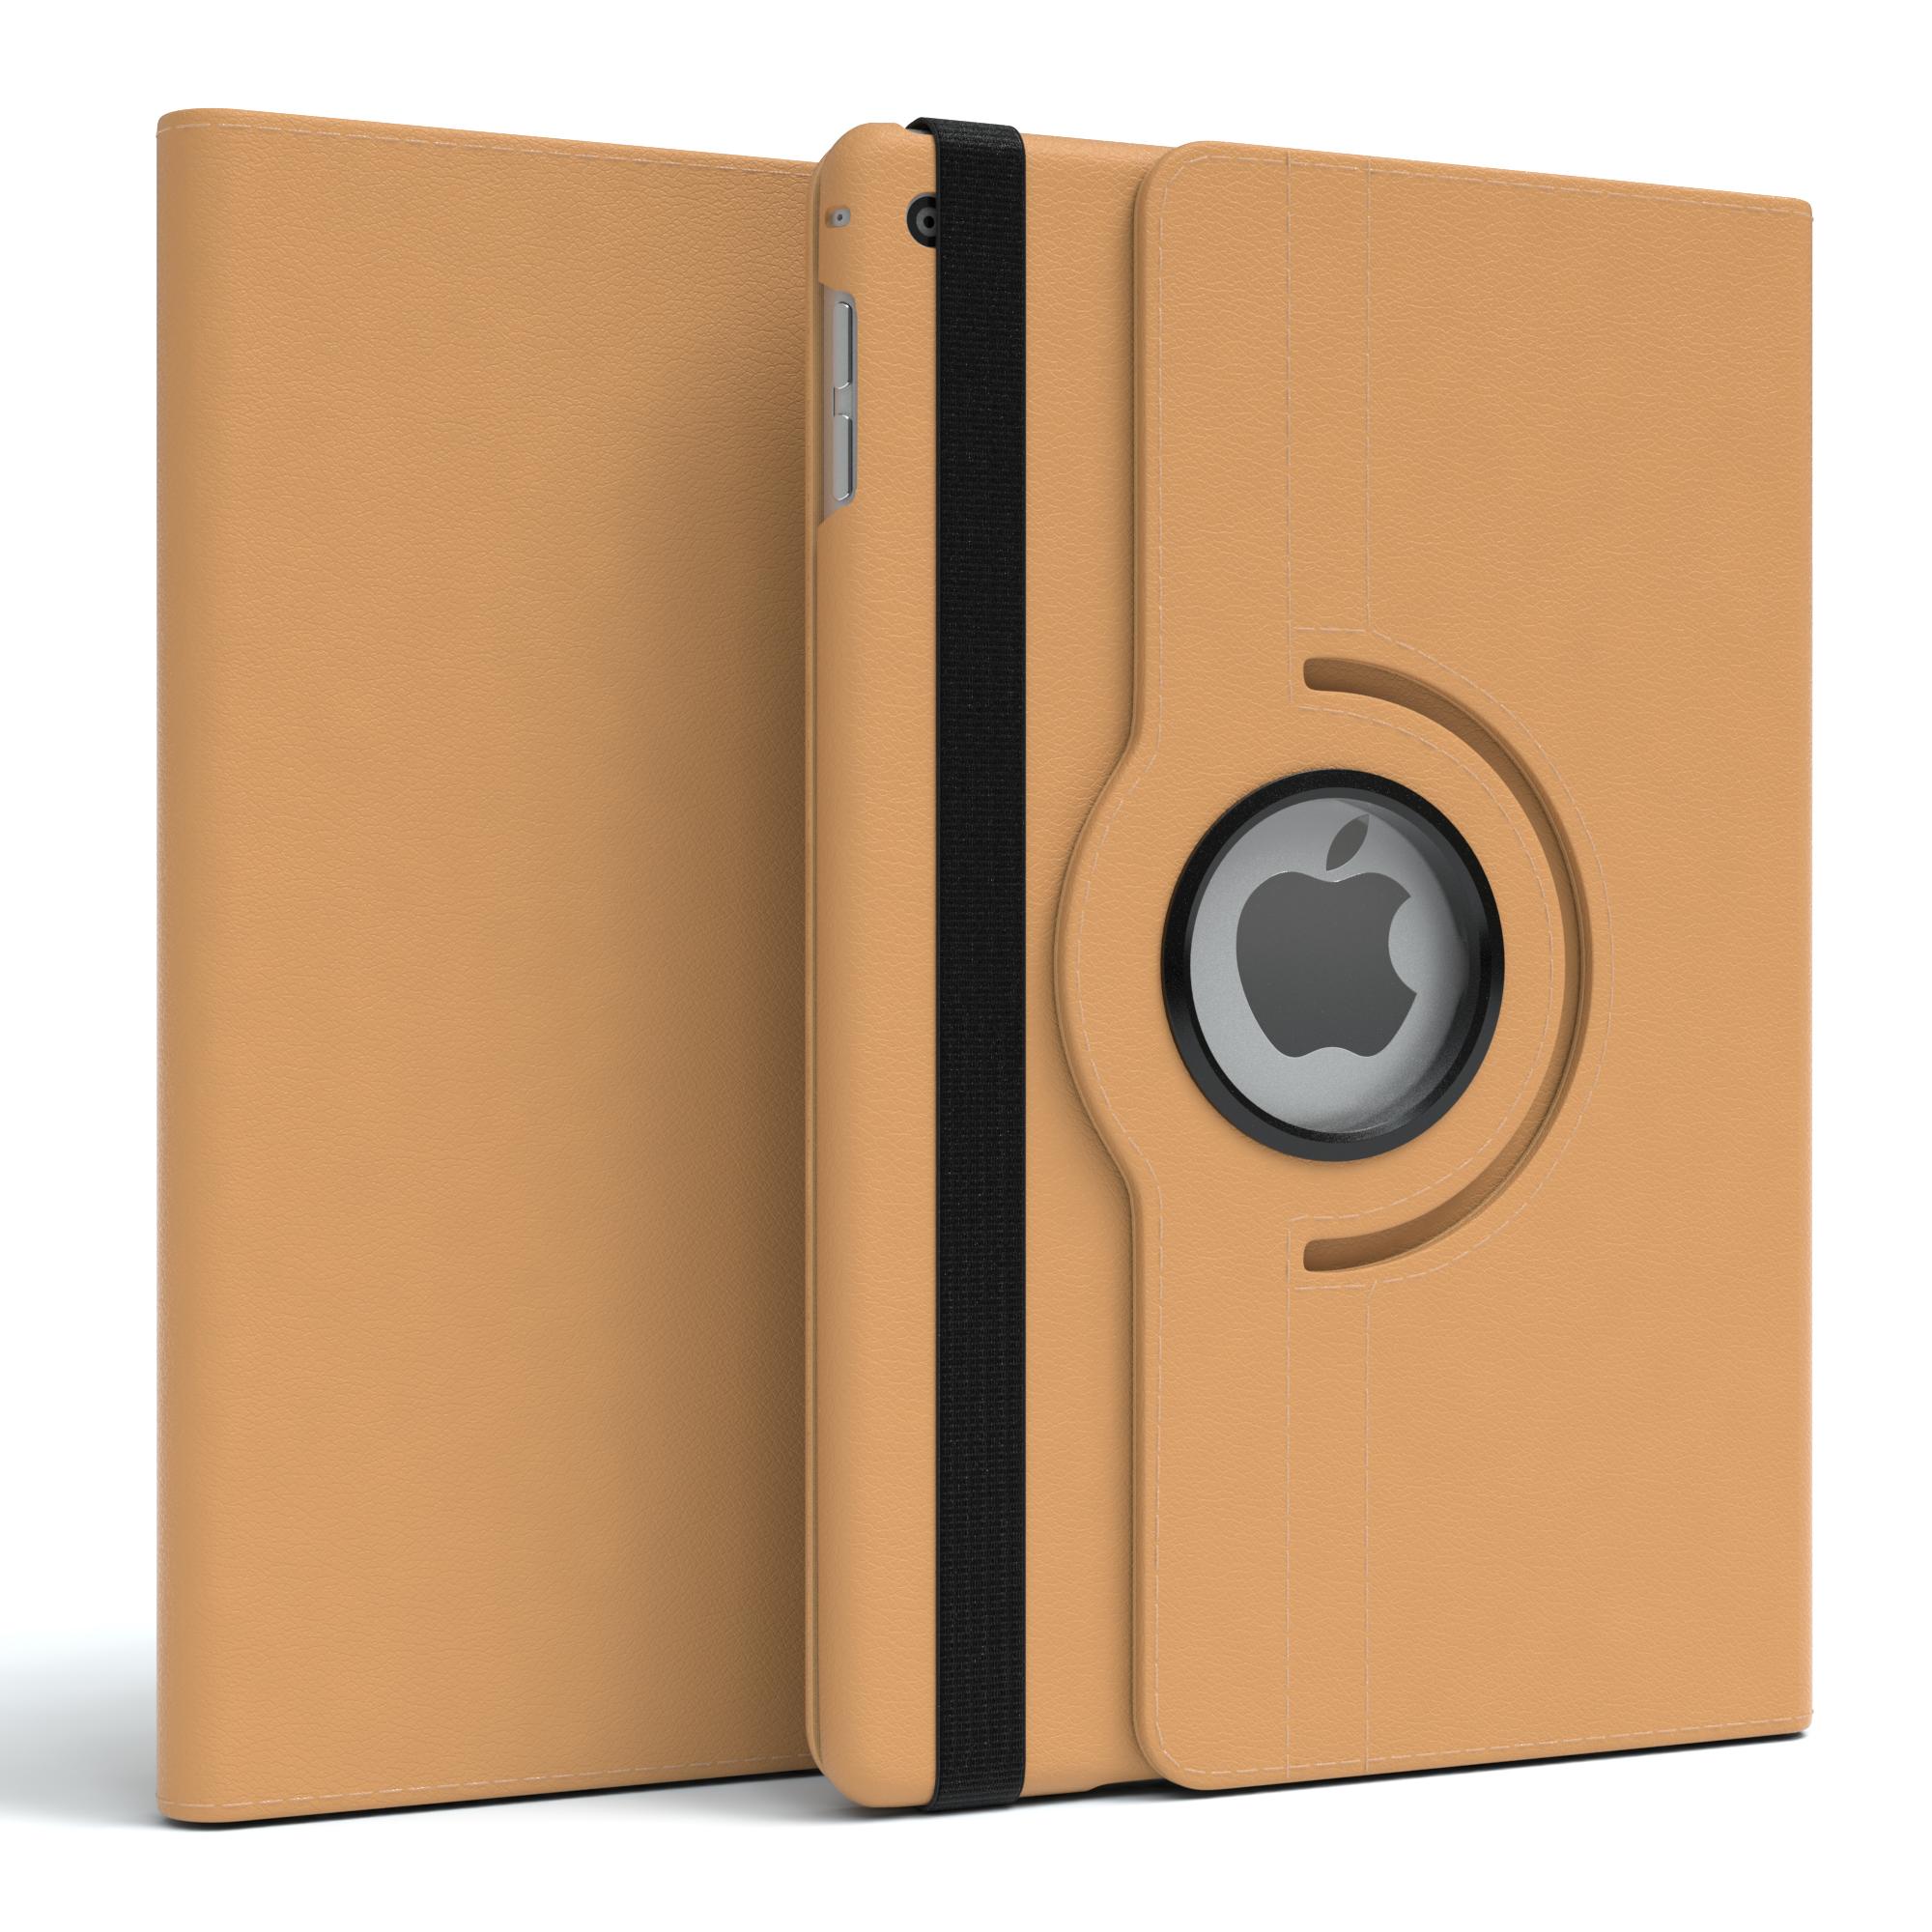 Tasche-fuer-Apple-iPad-Smart-Case-Schutz-Huelle-Etui-Tasche-Bumper-Flip-Cover-360 Indexbild 14